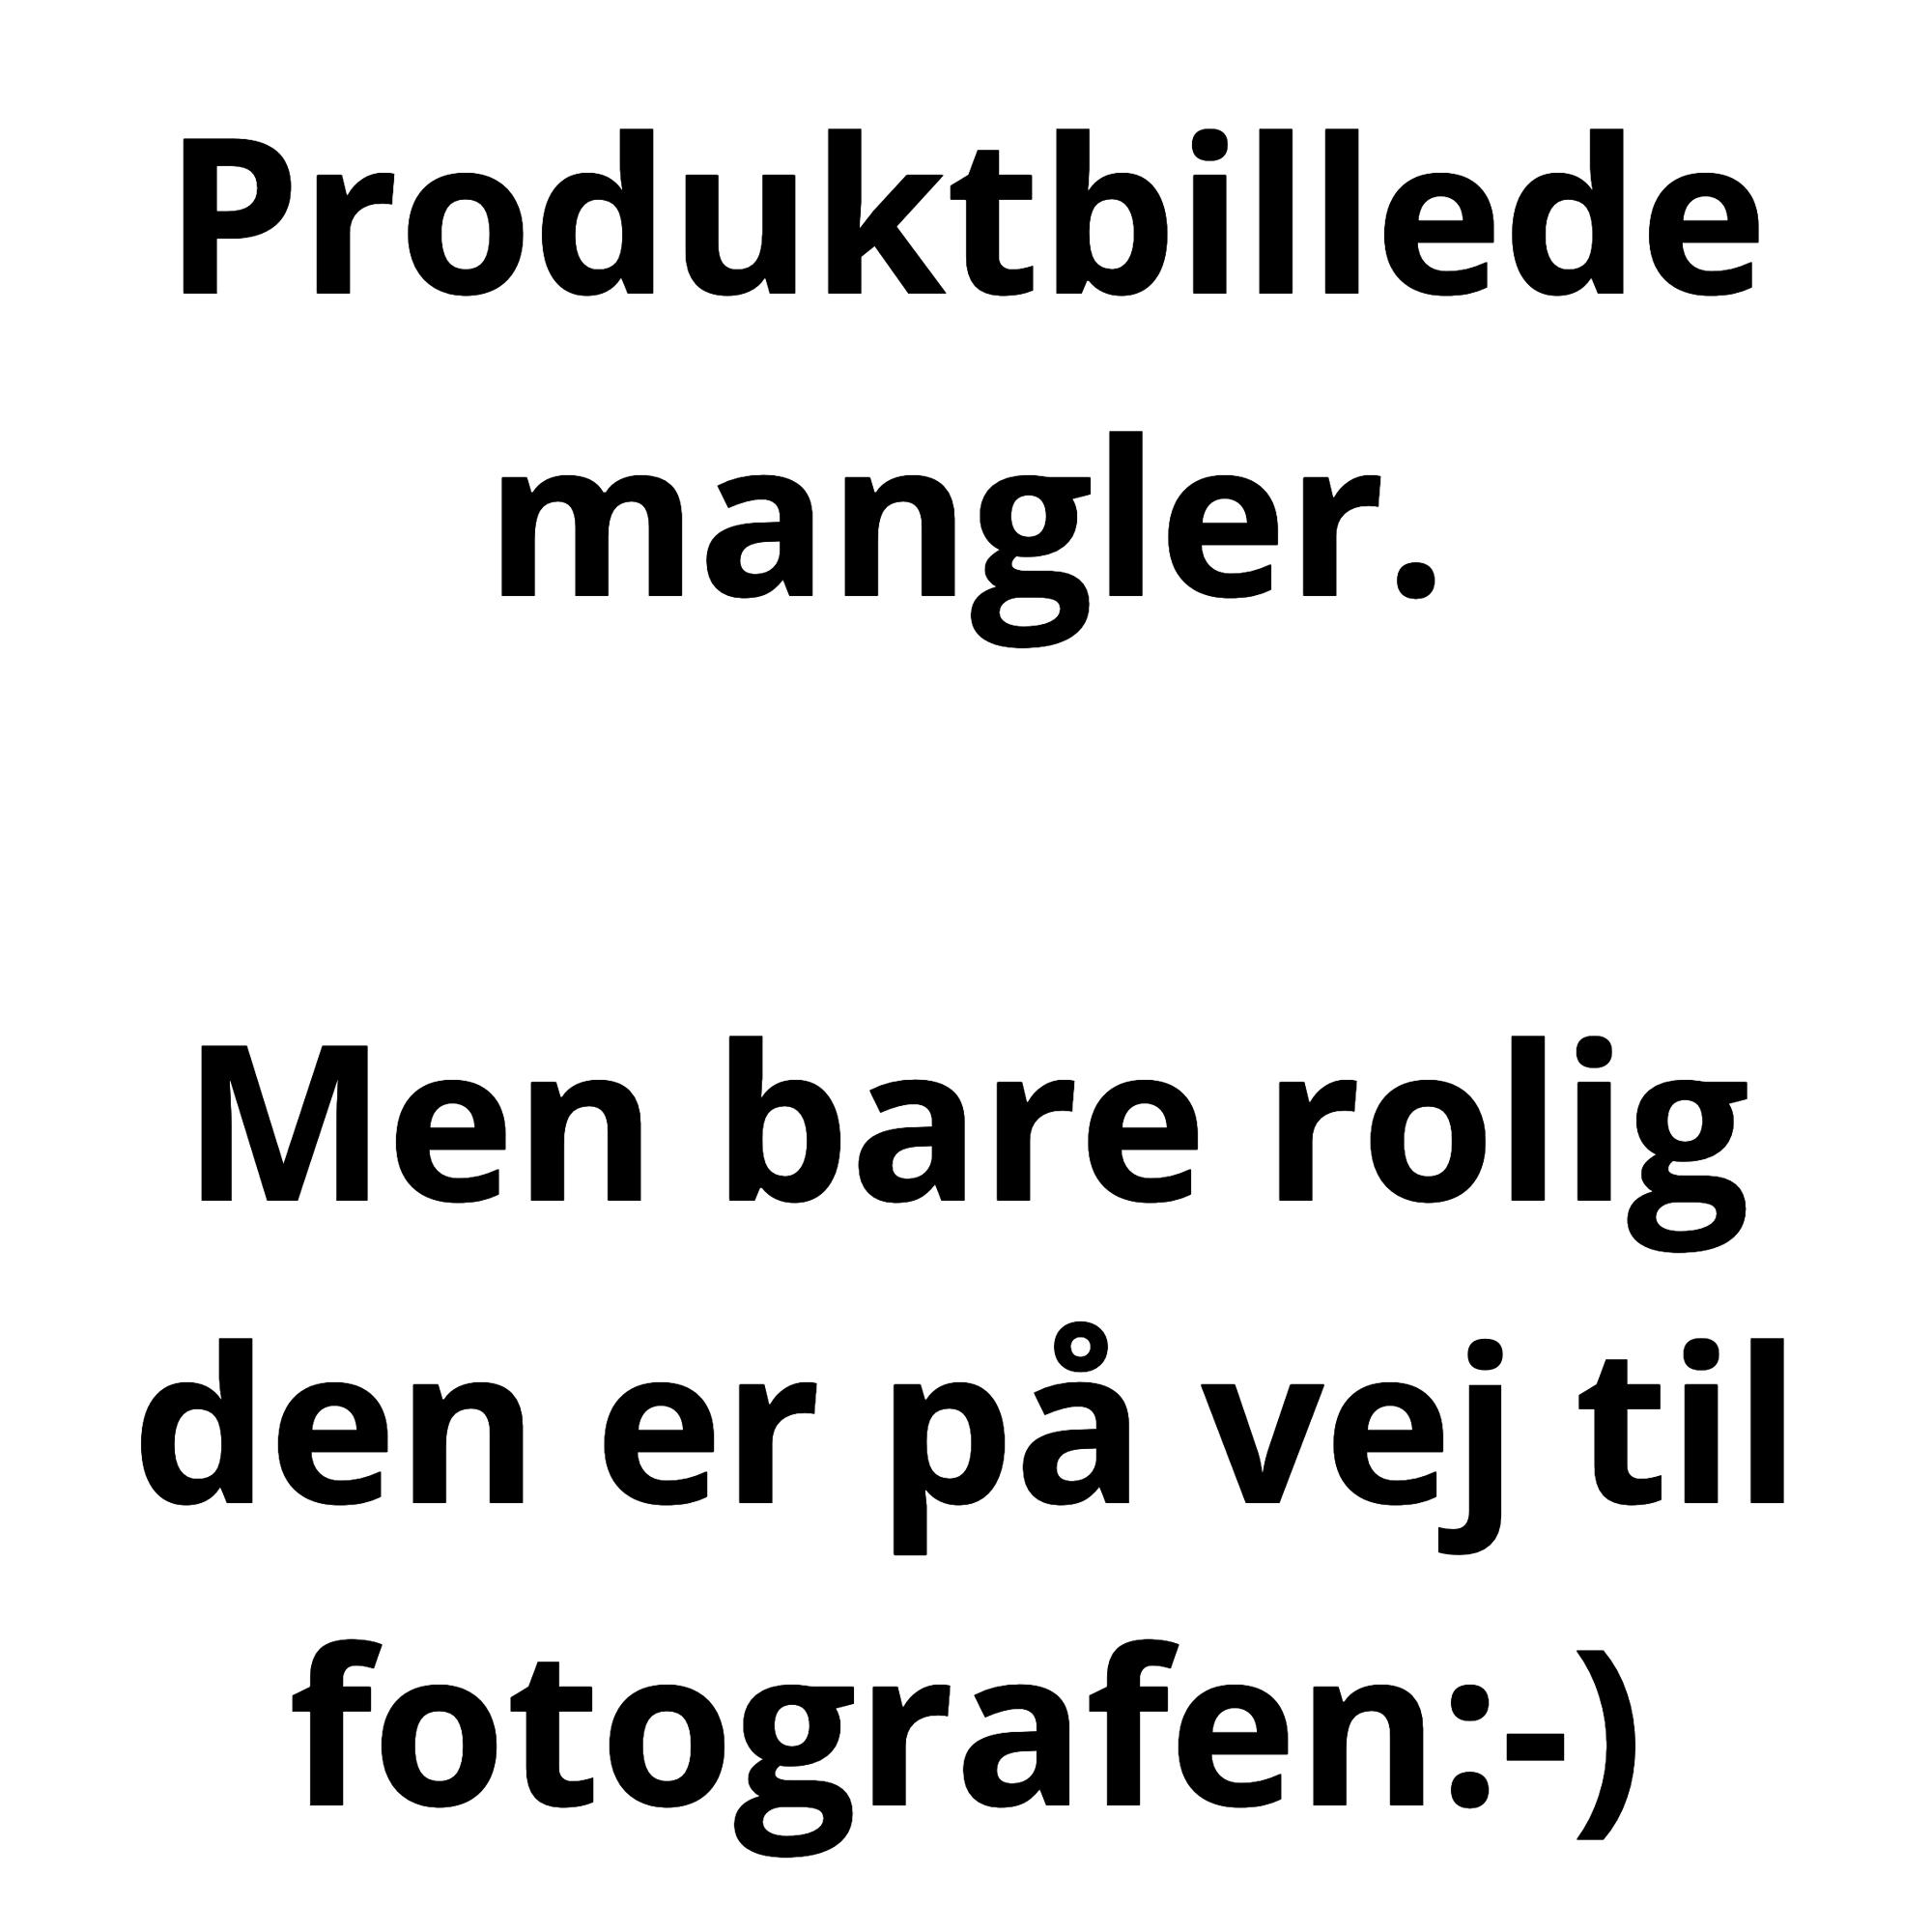 Brodit Aktiv Mobilholder til Apple iPhone 3G/3GS m. Vandret Klips - 521023